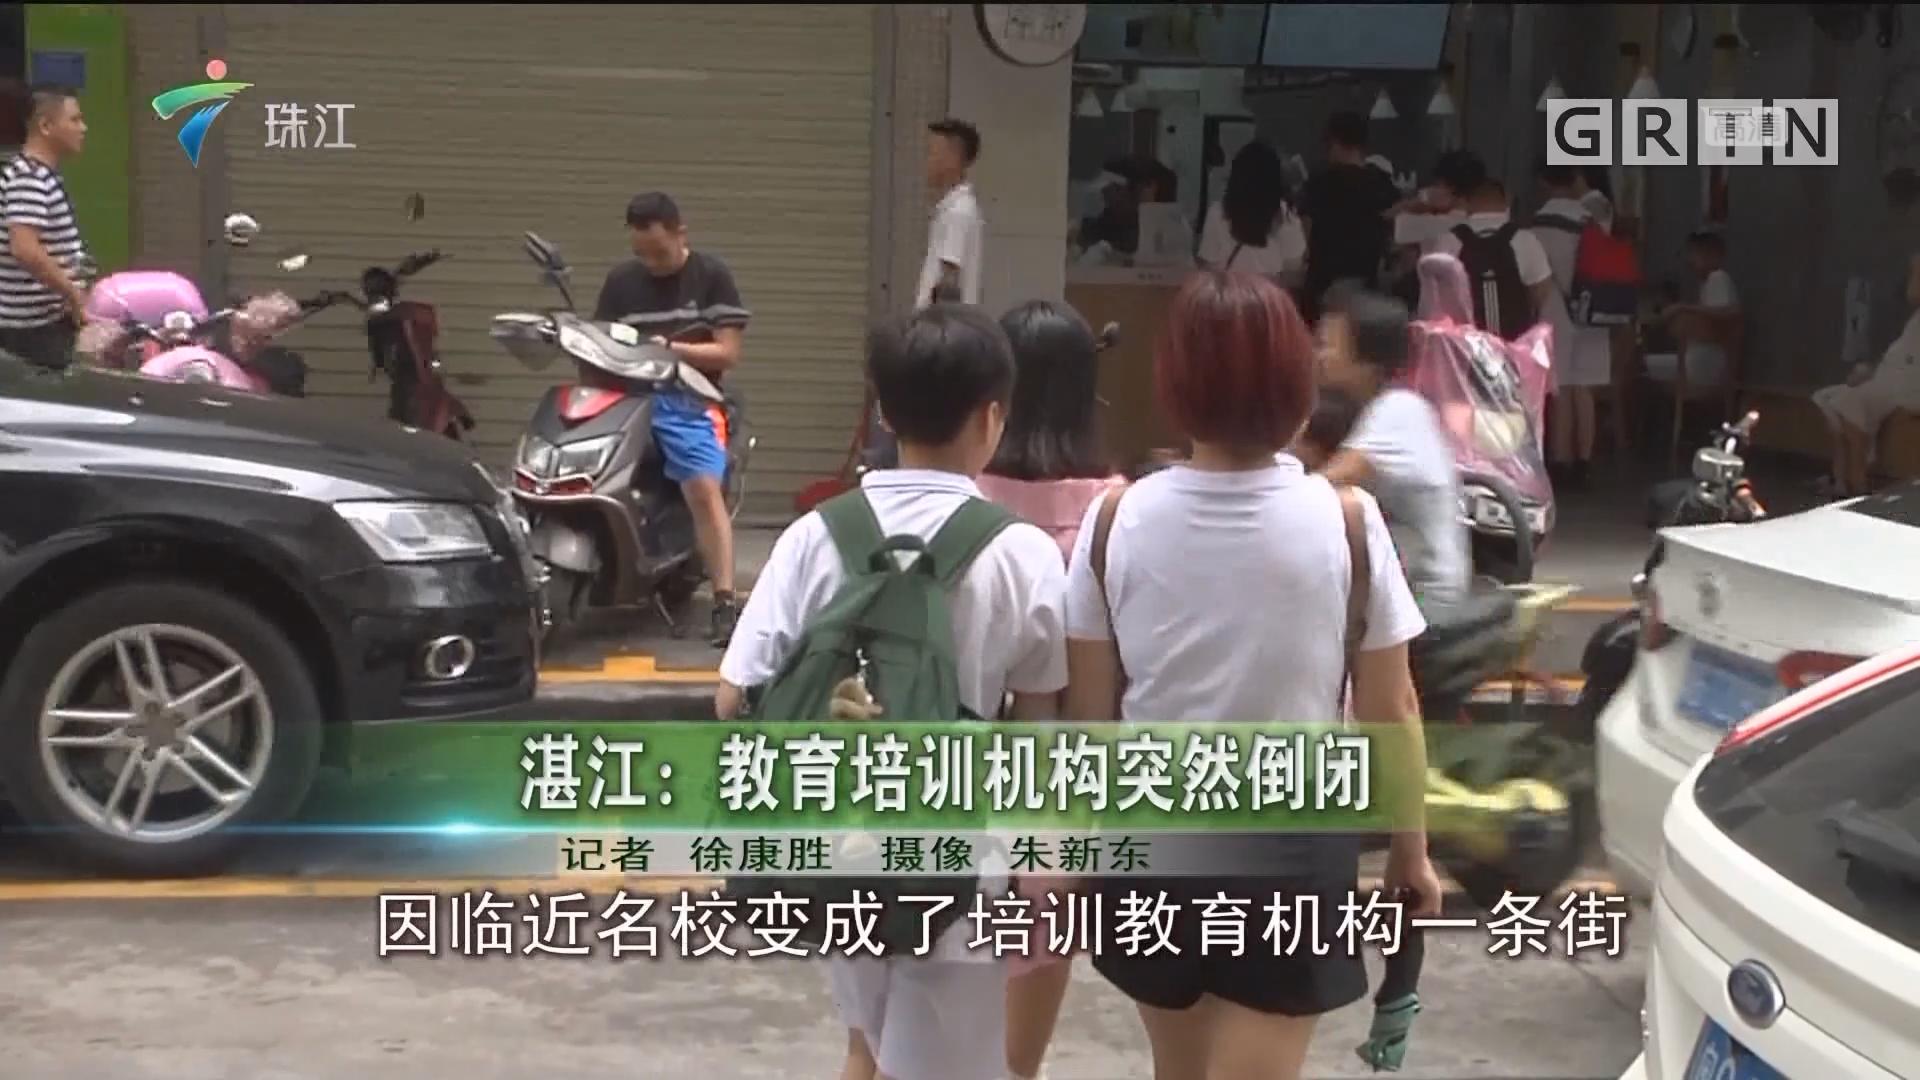 湛江:教育培训机构突然倒闭